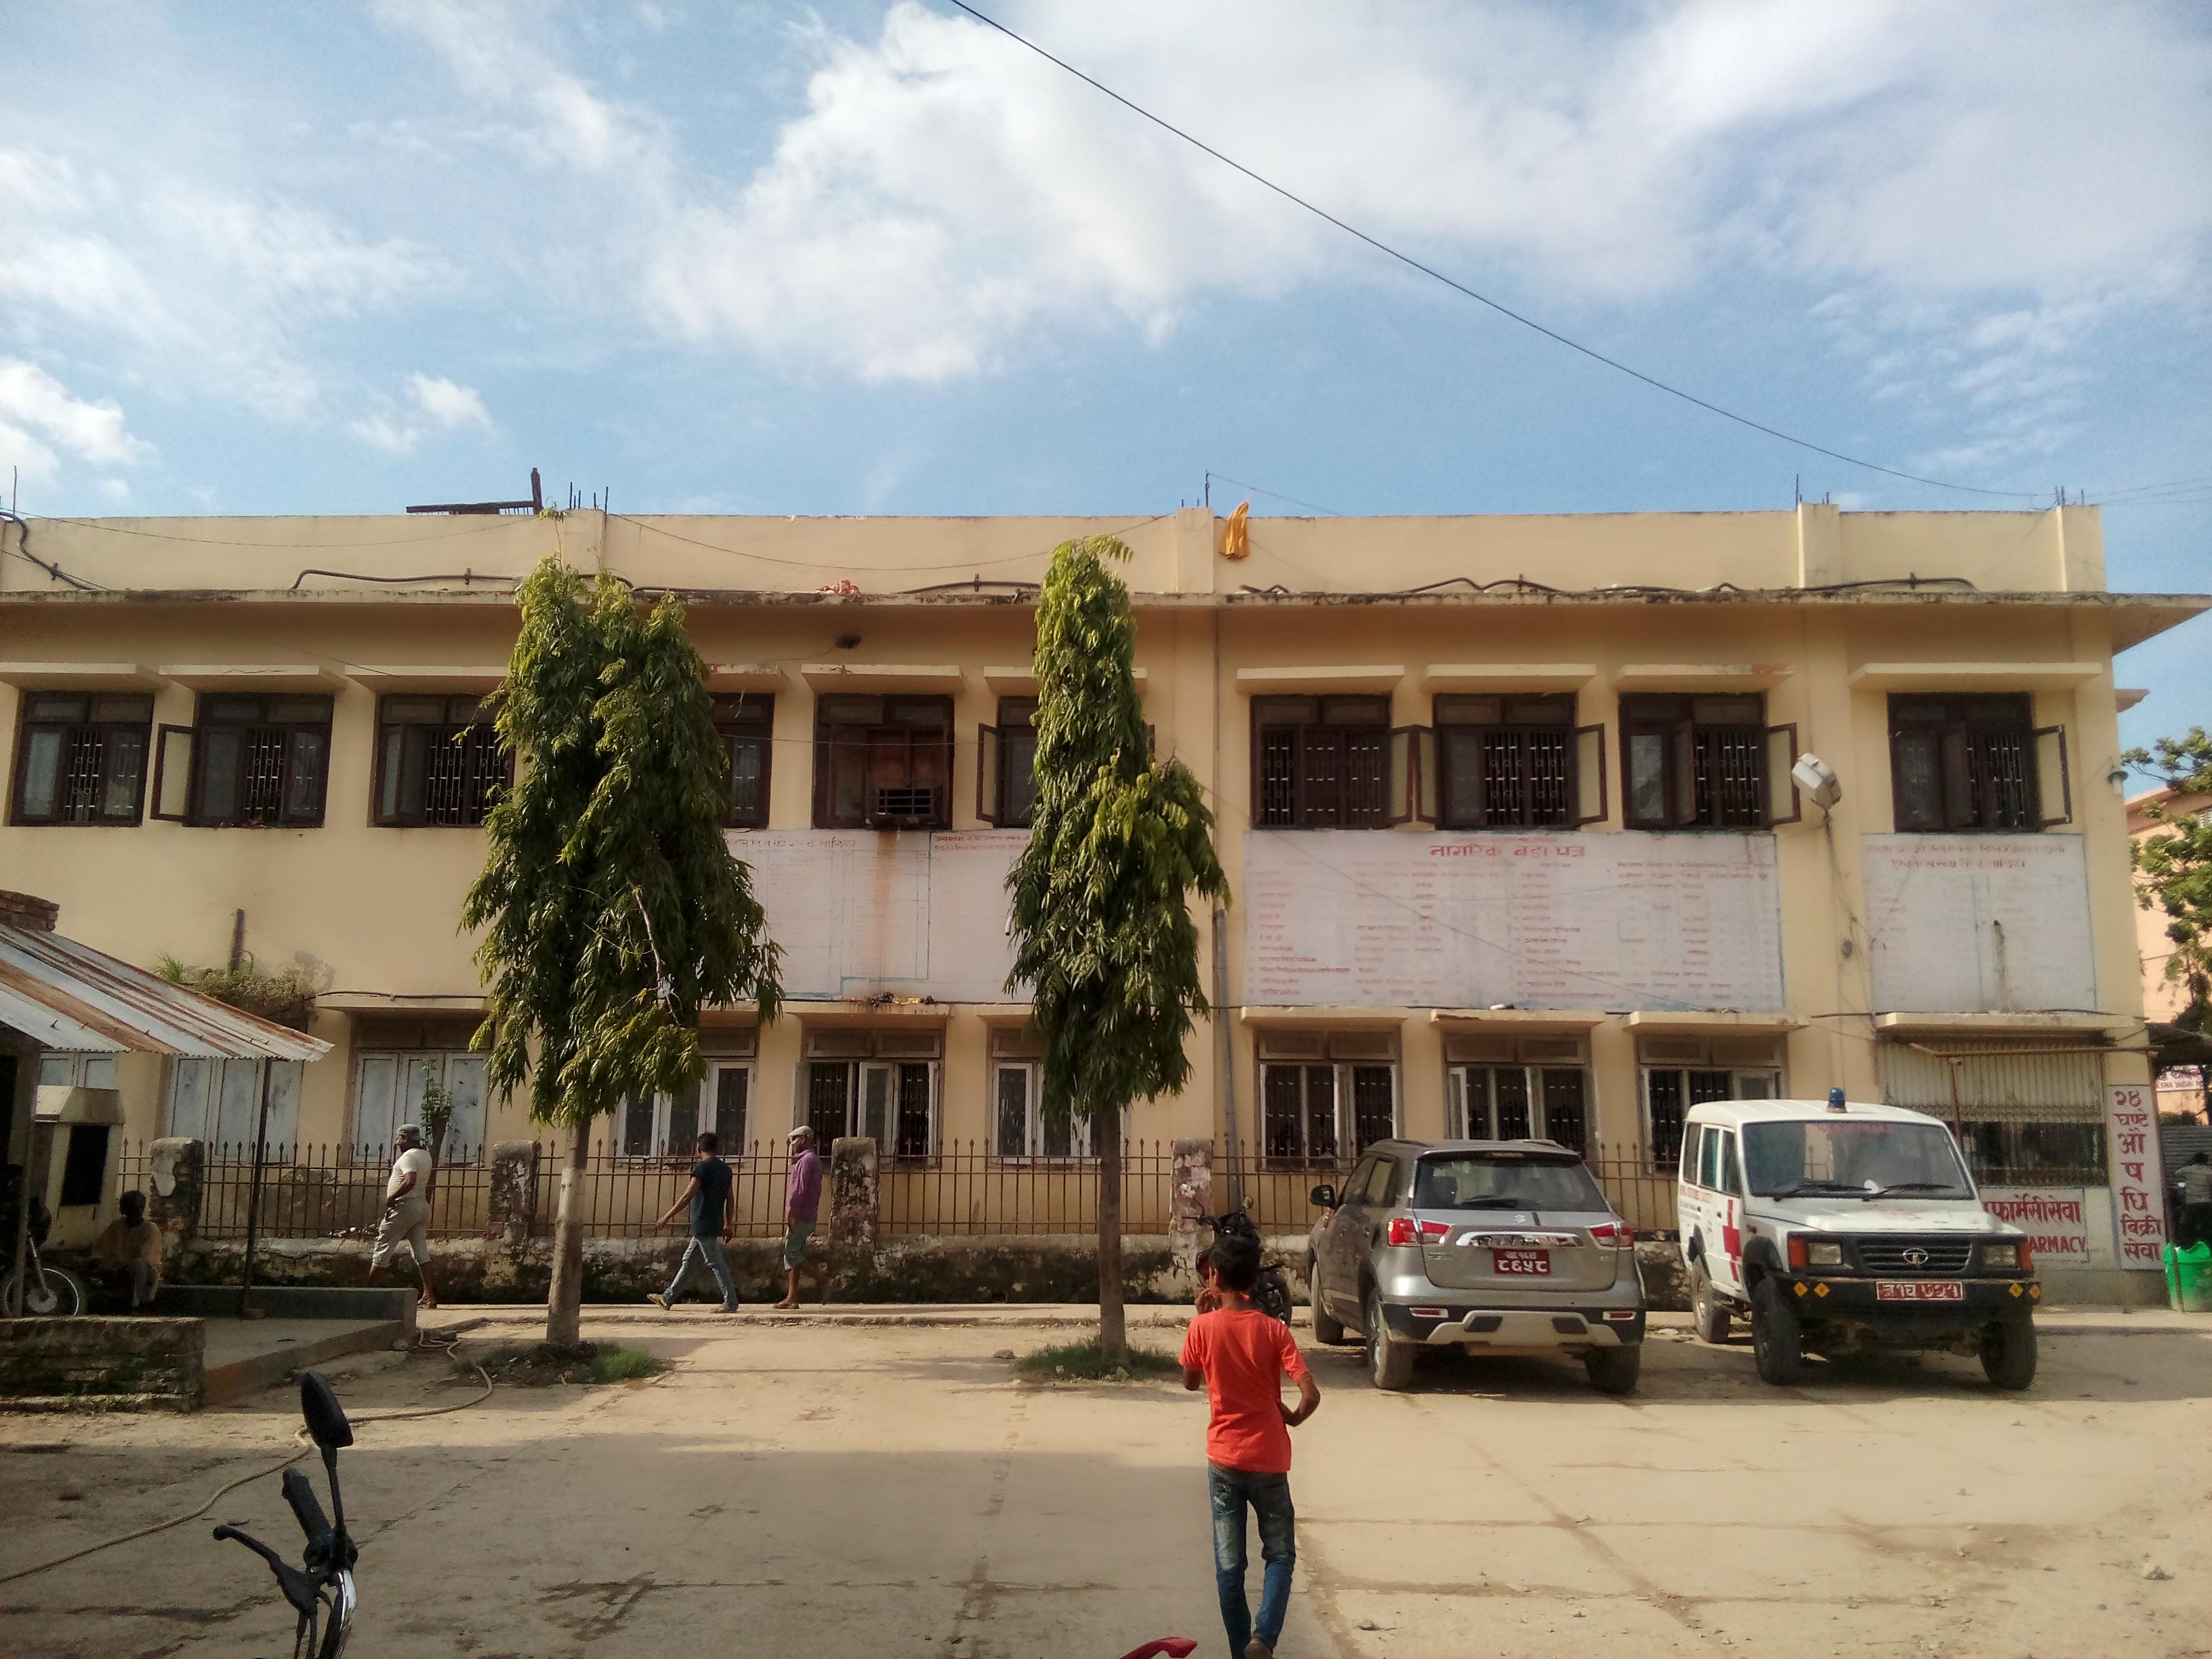 जनकपुर अस्पताल भित्र 'दाँत फुक्लिएको' डेन्टल विभाग [लोकान्तर खोज-४]